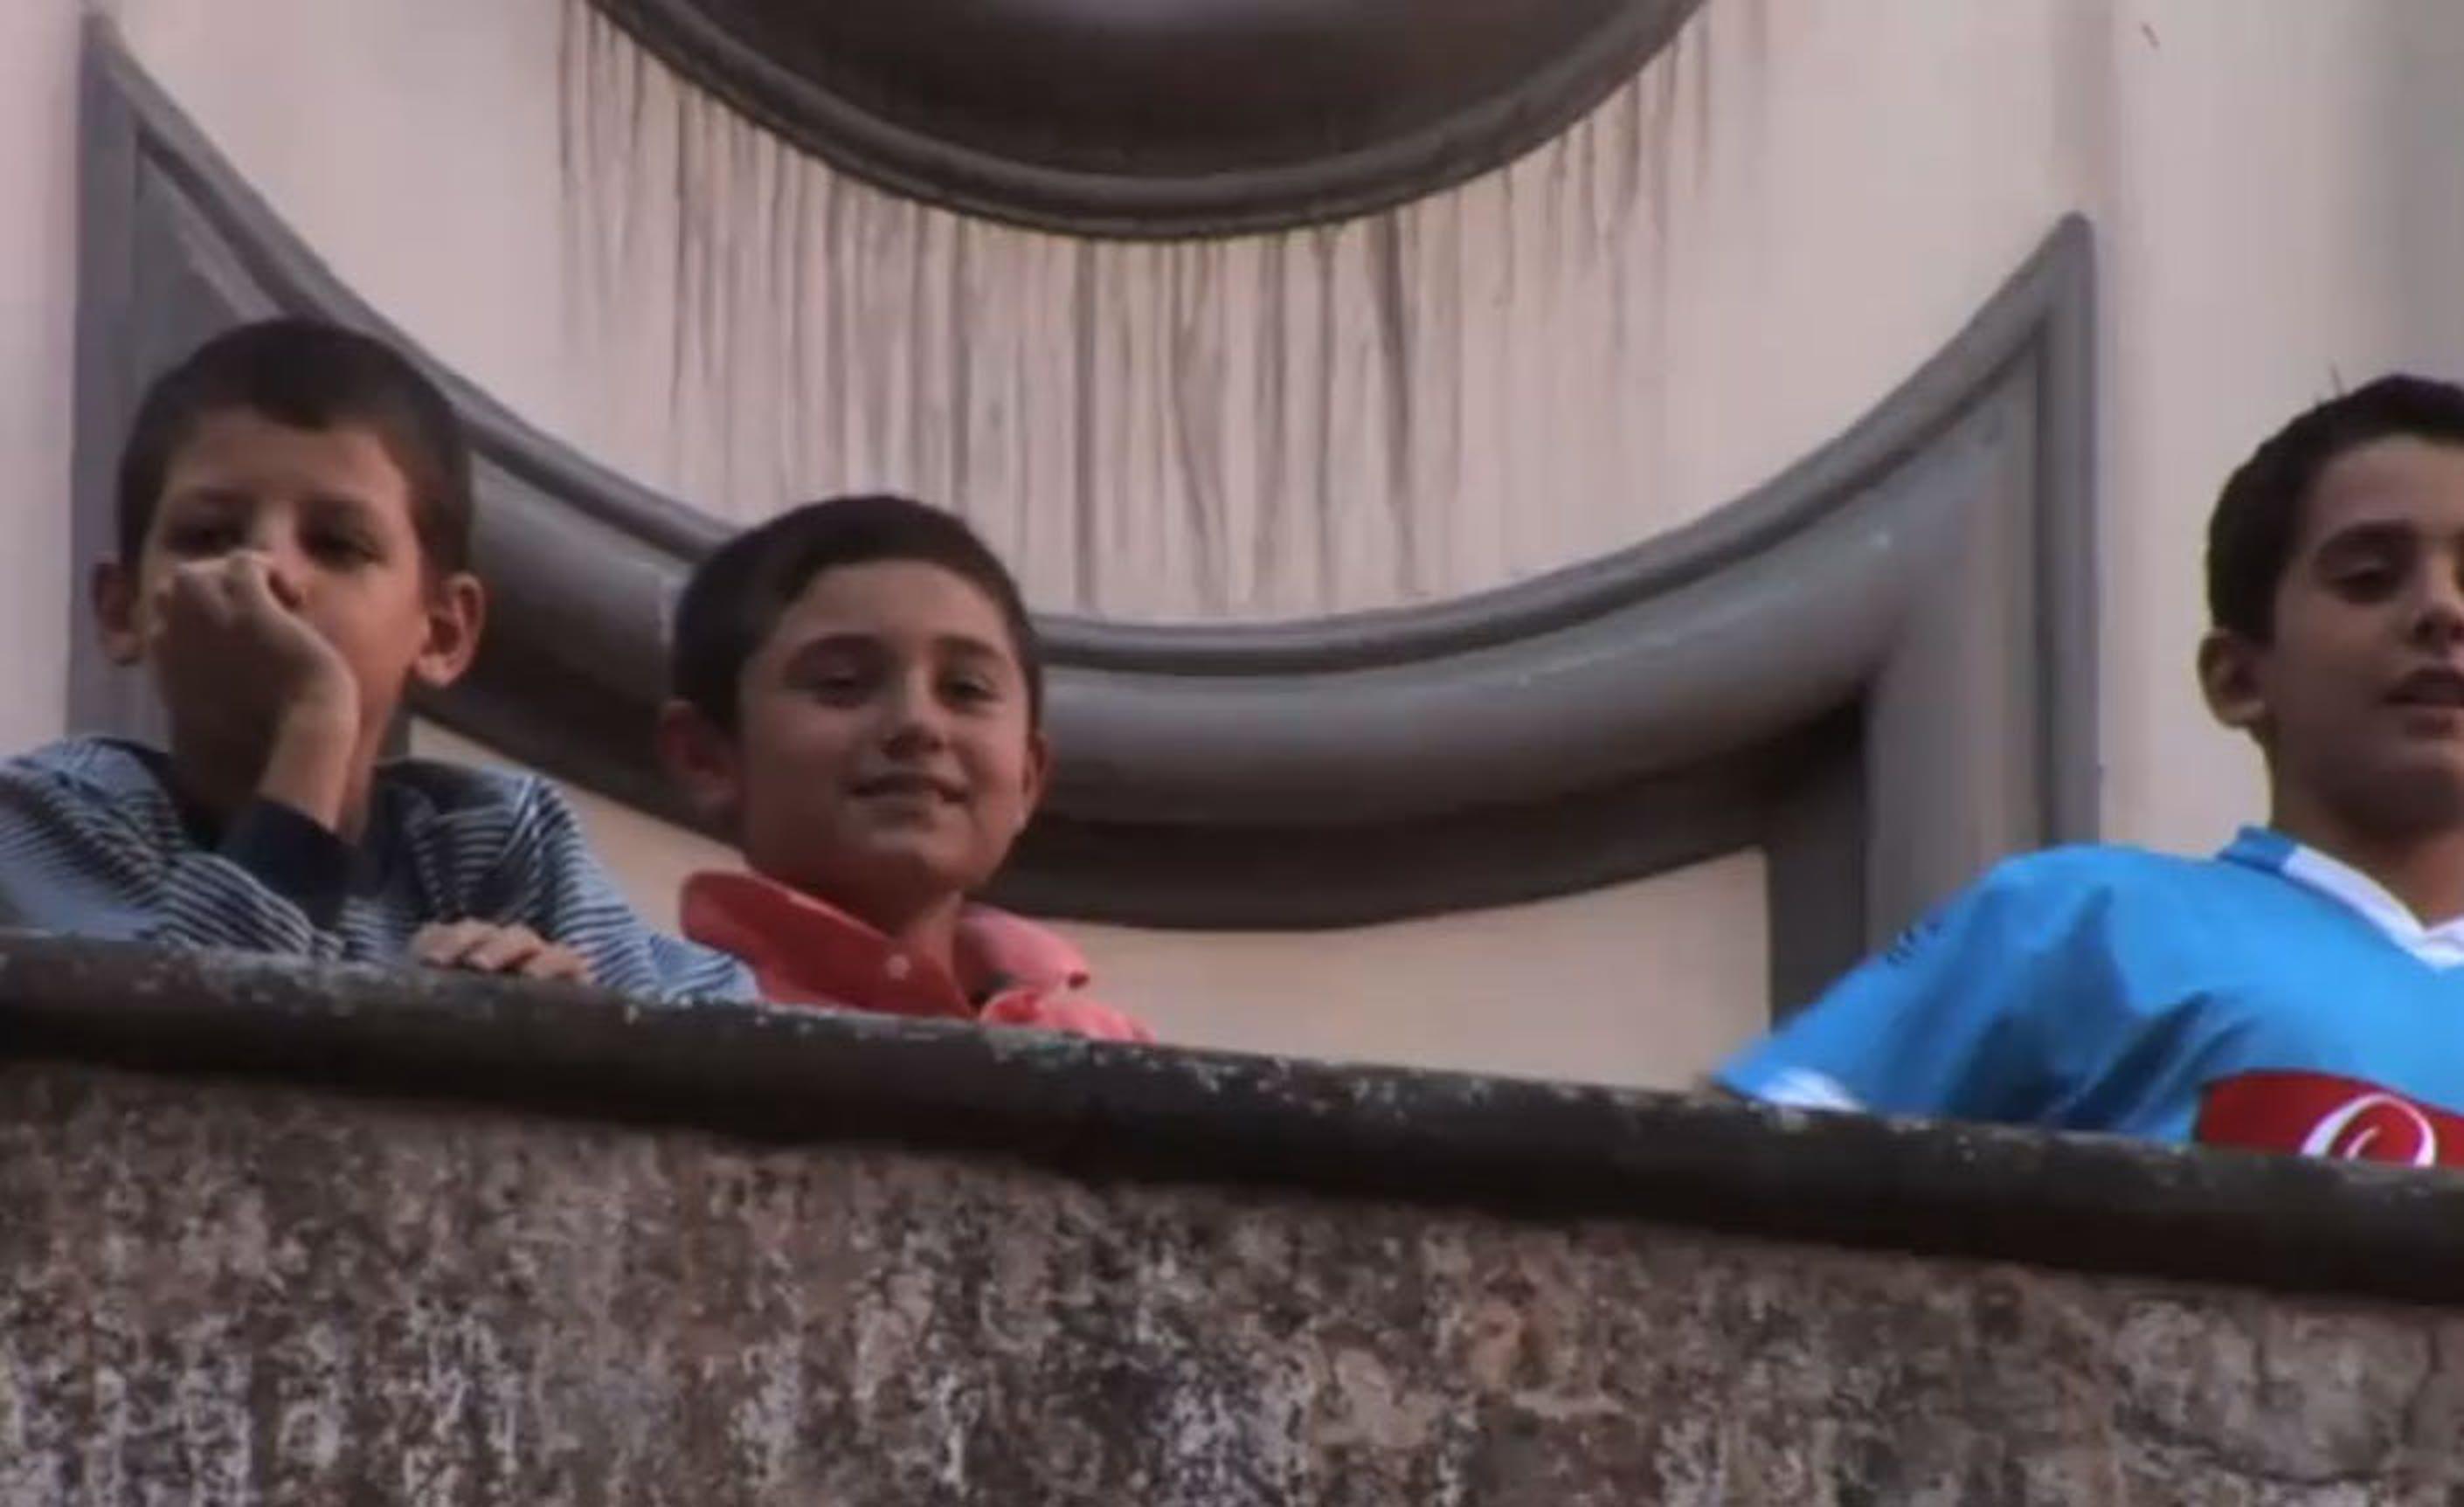 Povertà in Italia: bambini e adolescenti ai margini della società